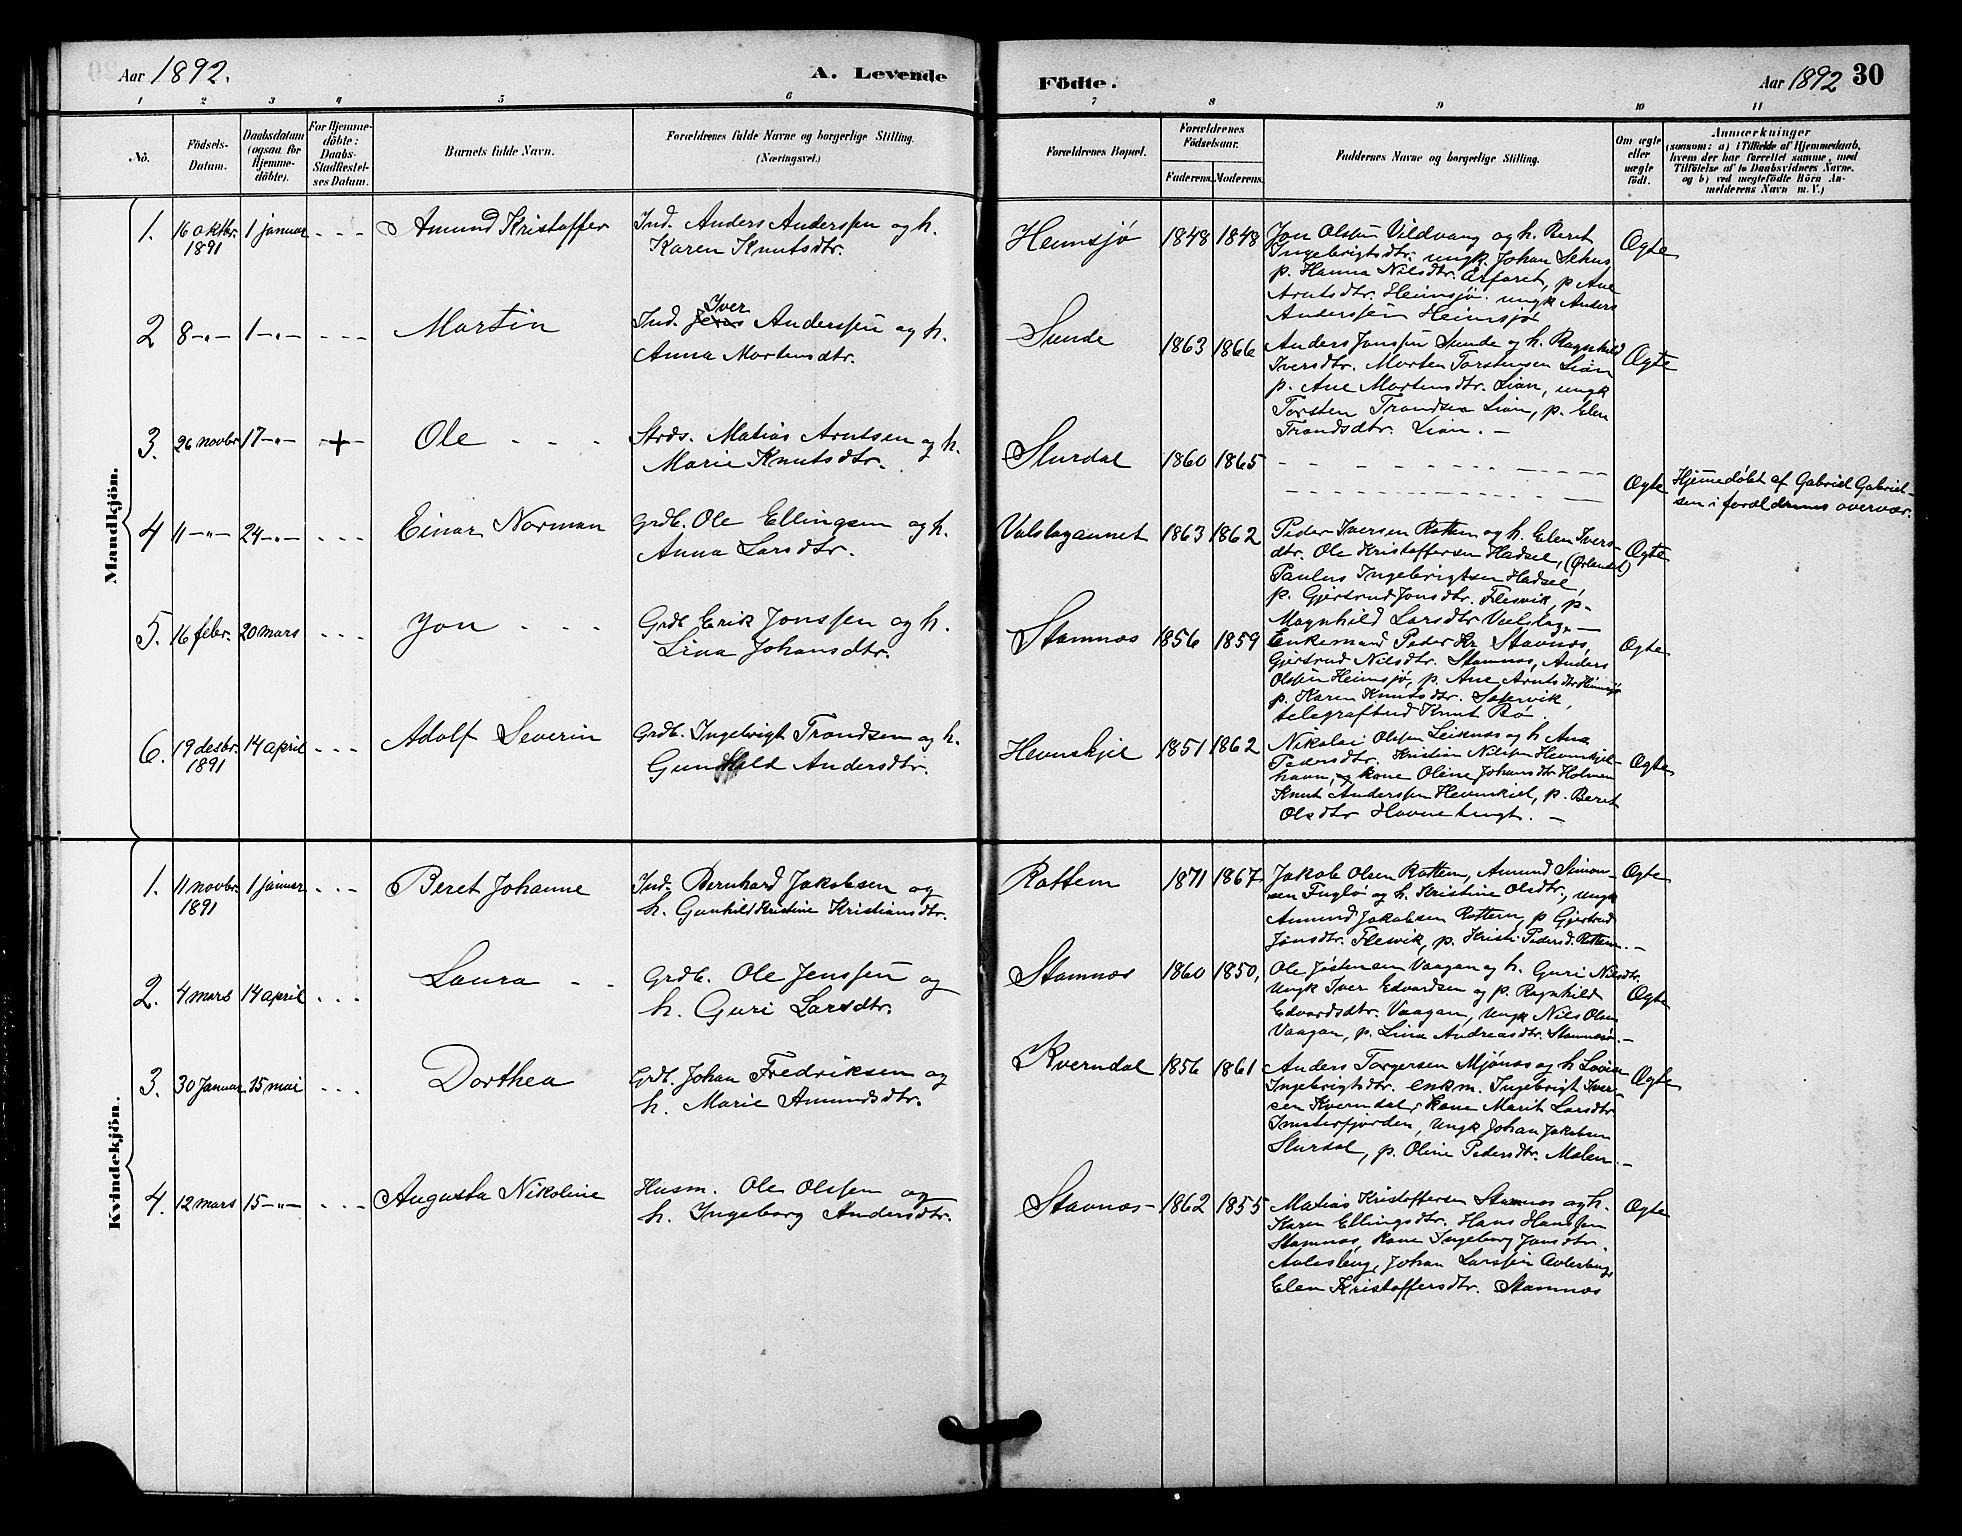 SAT, Ministerialprotokoller, klokkerbøker og fødselsregistre - Sør-Trøndelag, 633/L0519: Klokkerbok nr. 633C01, 1884-1905, s. 30